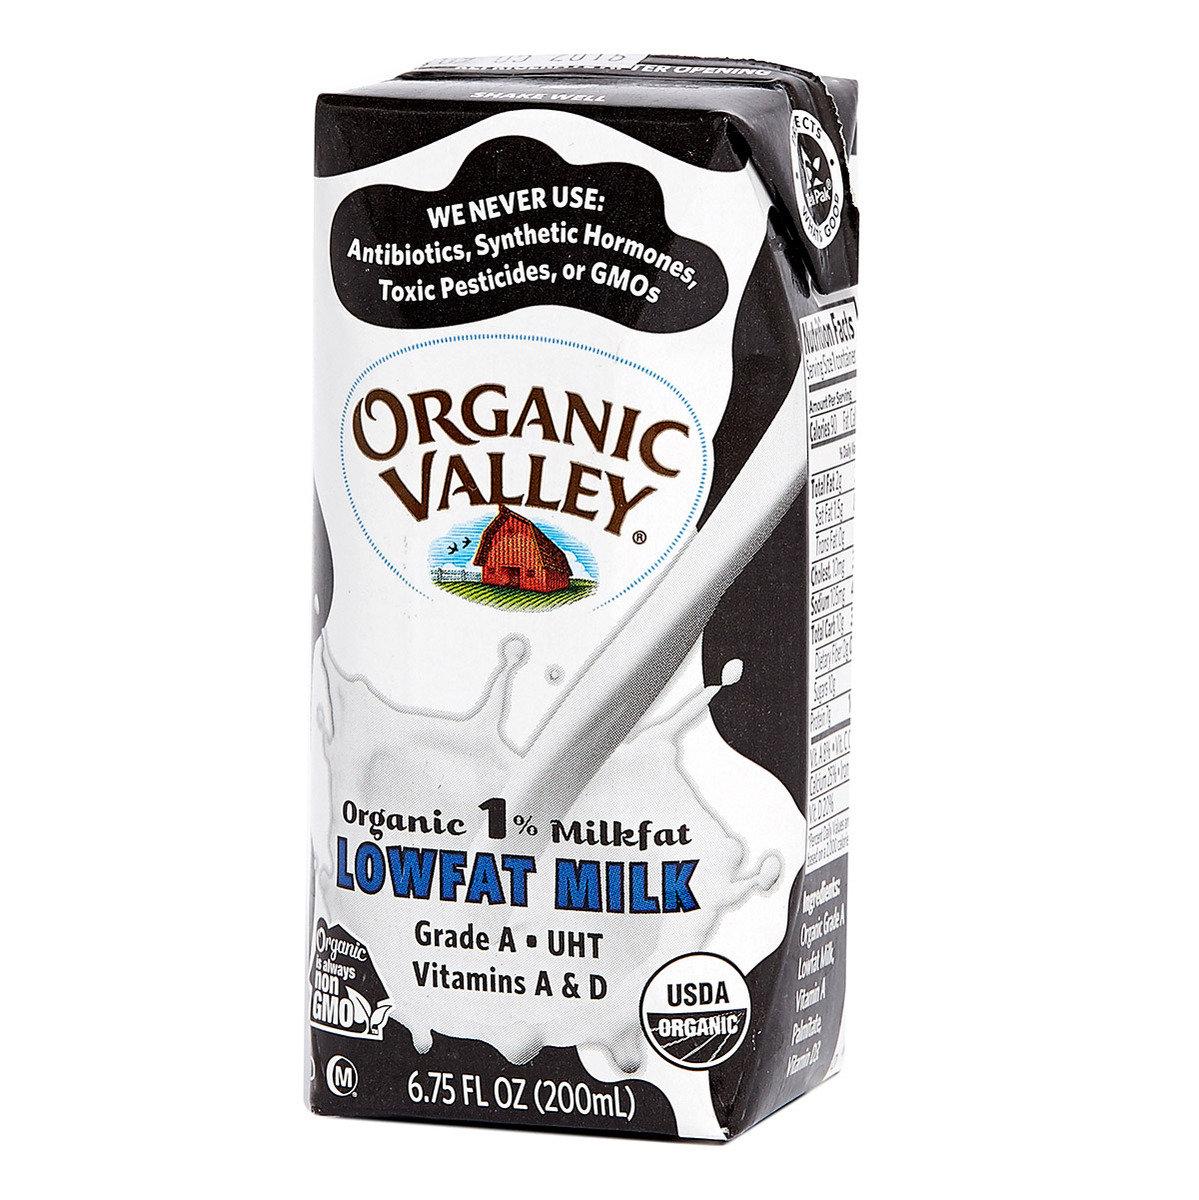 美國有機1%低脂奶